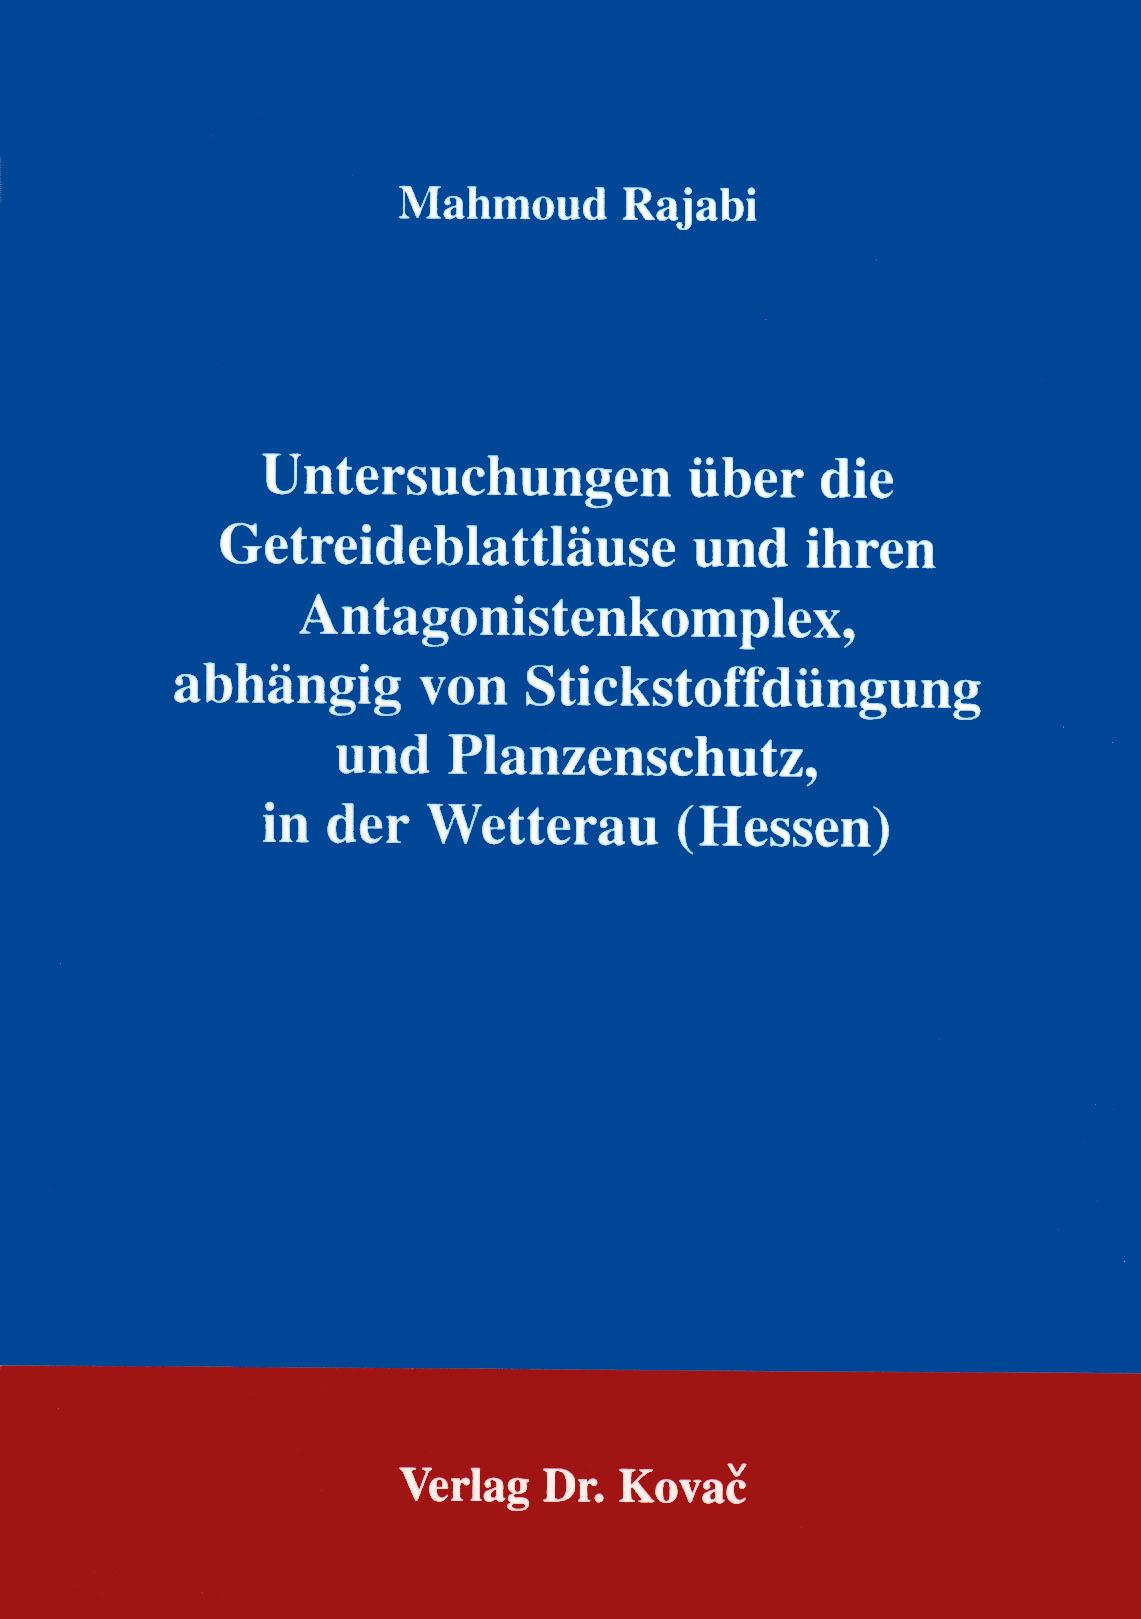 Cover: Untersuchungen über die Getreideblattläuse und ihren Antagonistenkomplex, abhängig von Stickstoffdüngung und Pflanzenschutz, in der Wetterau (Hessen)